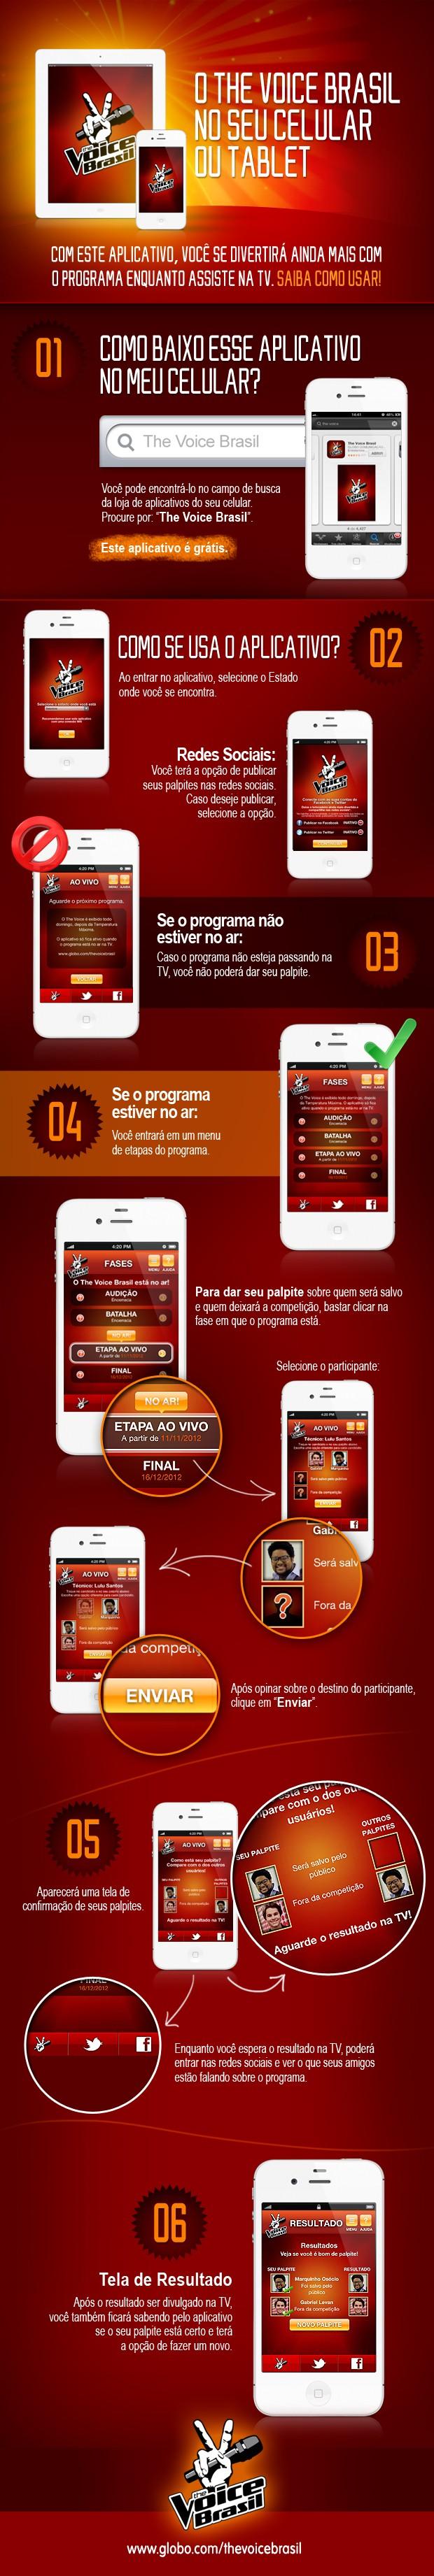 aplicativo segunda tela the voice (Foto: The Voice Brasil/TV Globo)